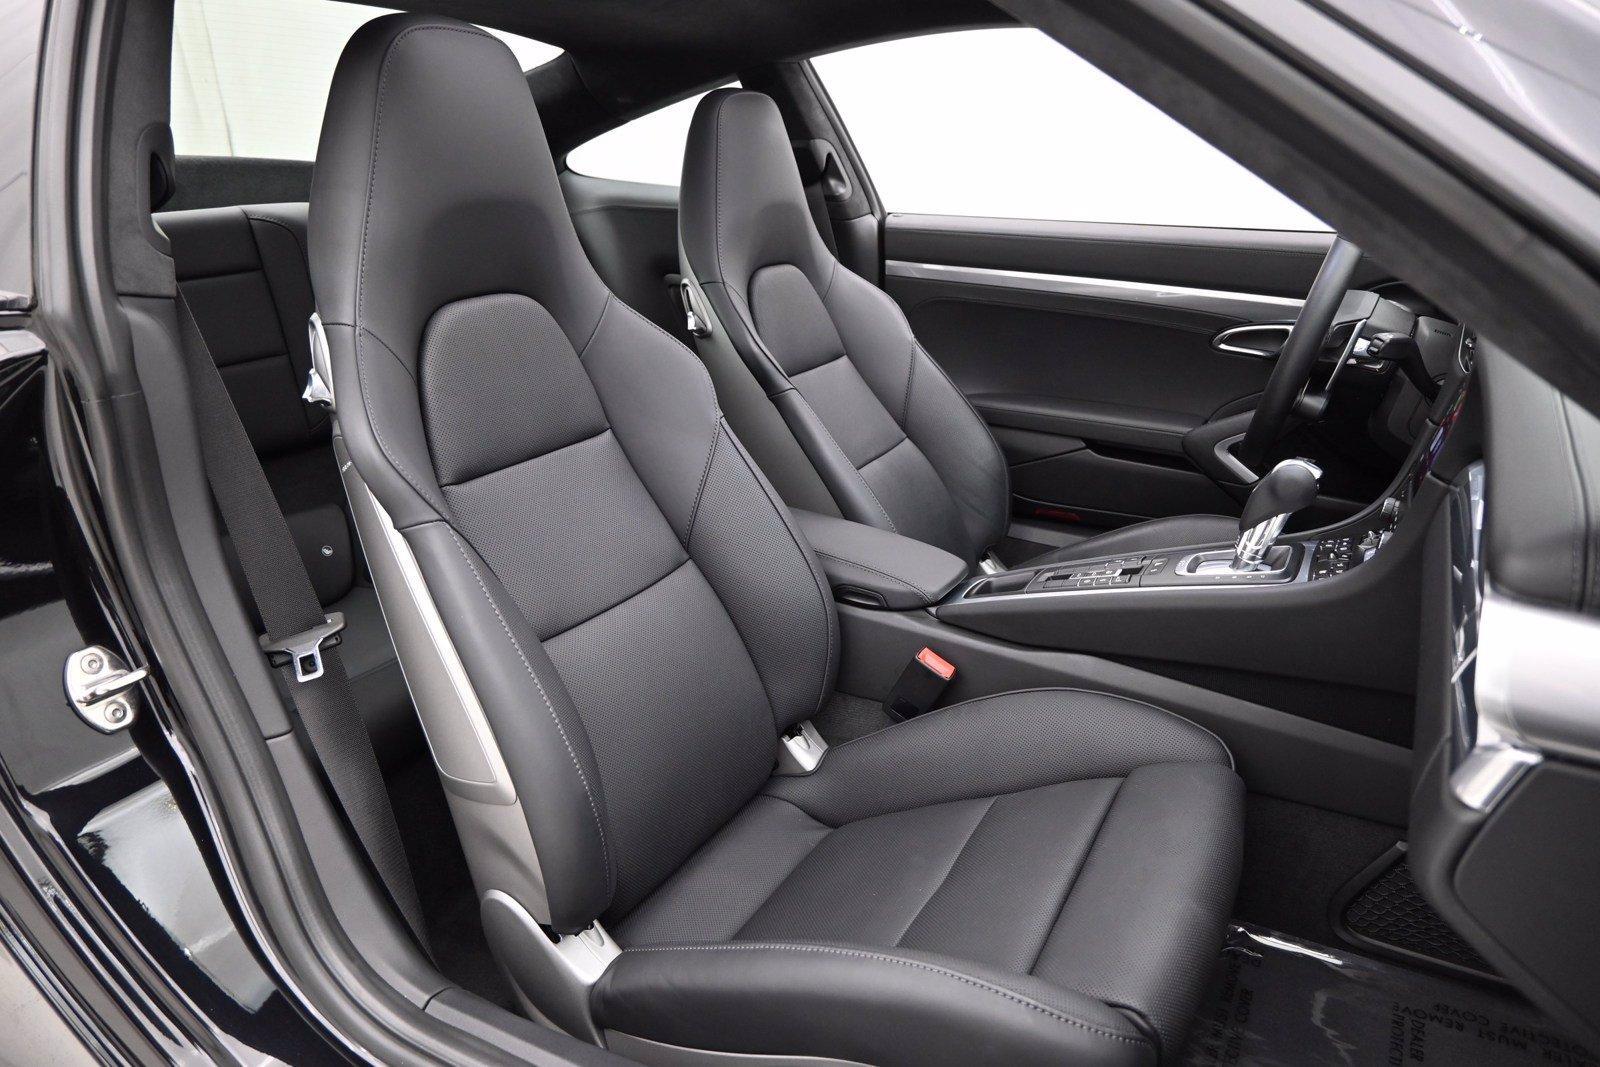 Used-2019-Porsche-911-Turbo